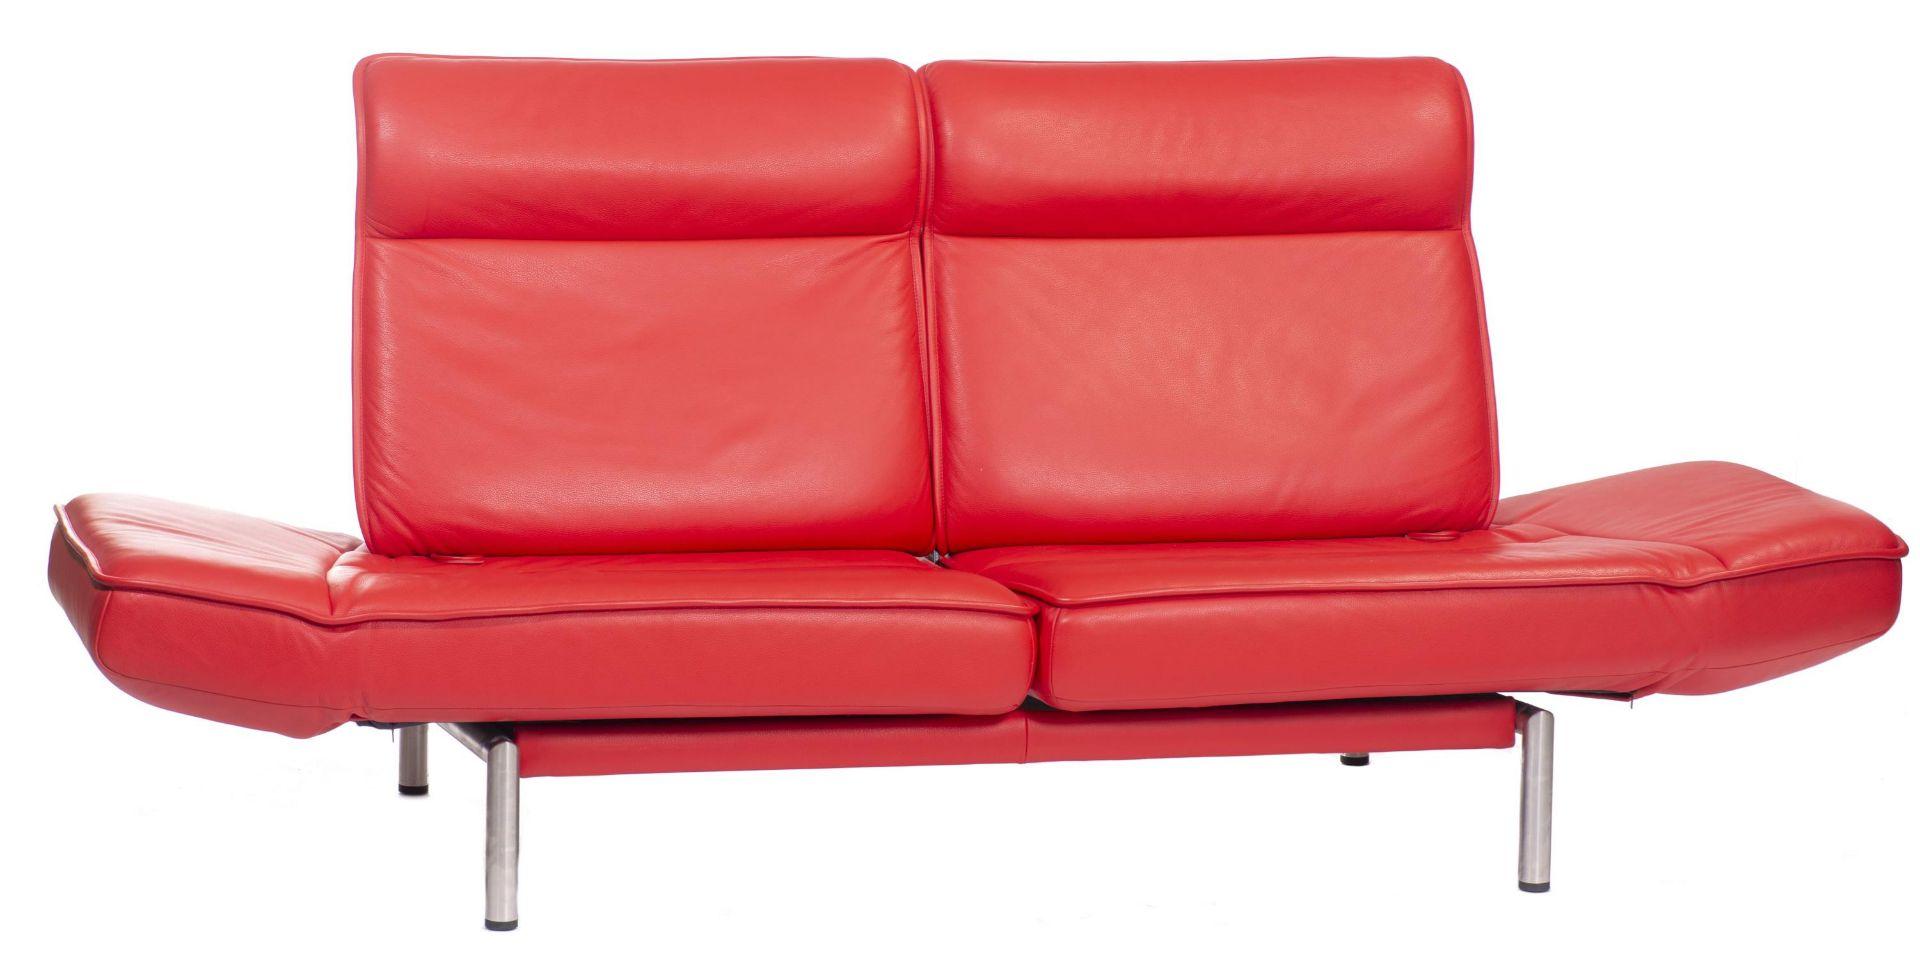 Thomas Althaus, canapé de Sède, modèle ds-450 - Bild 4 aus 10